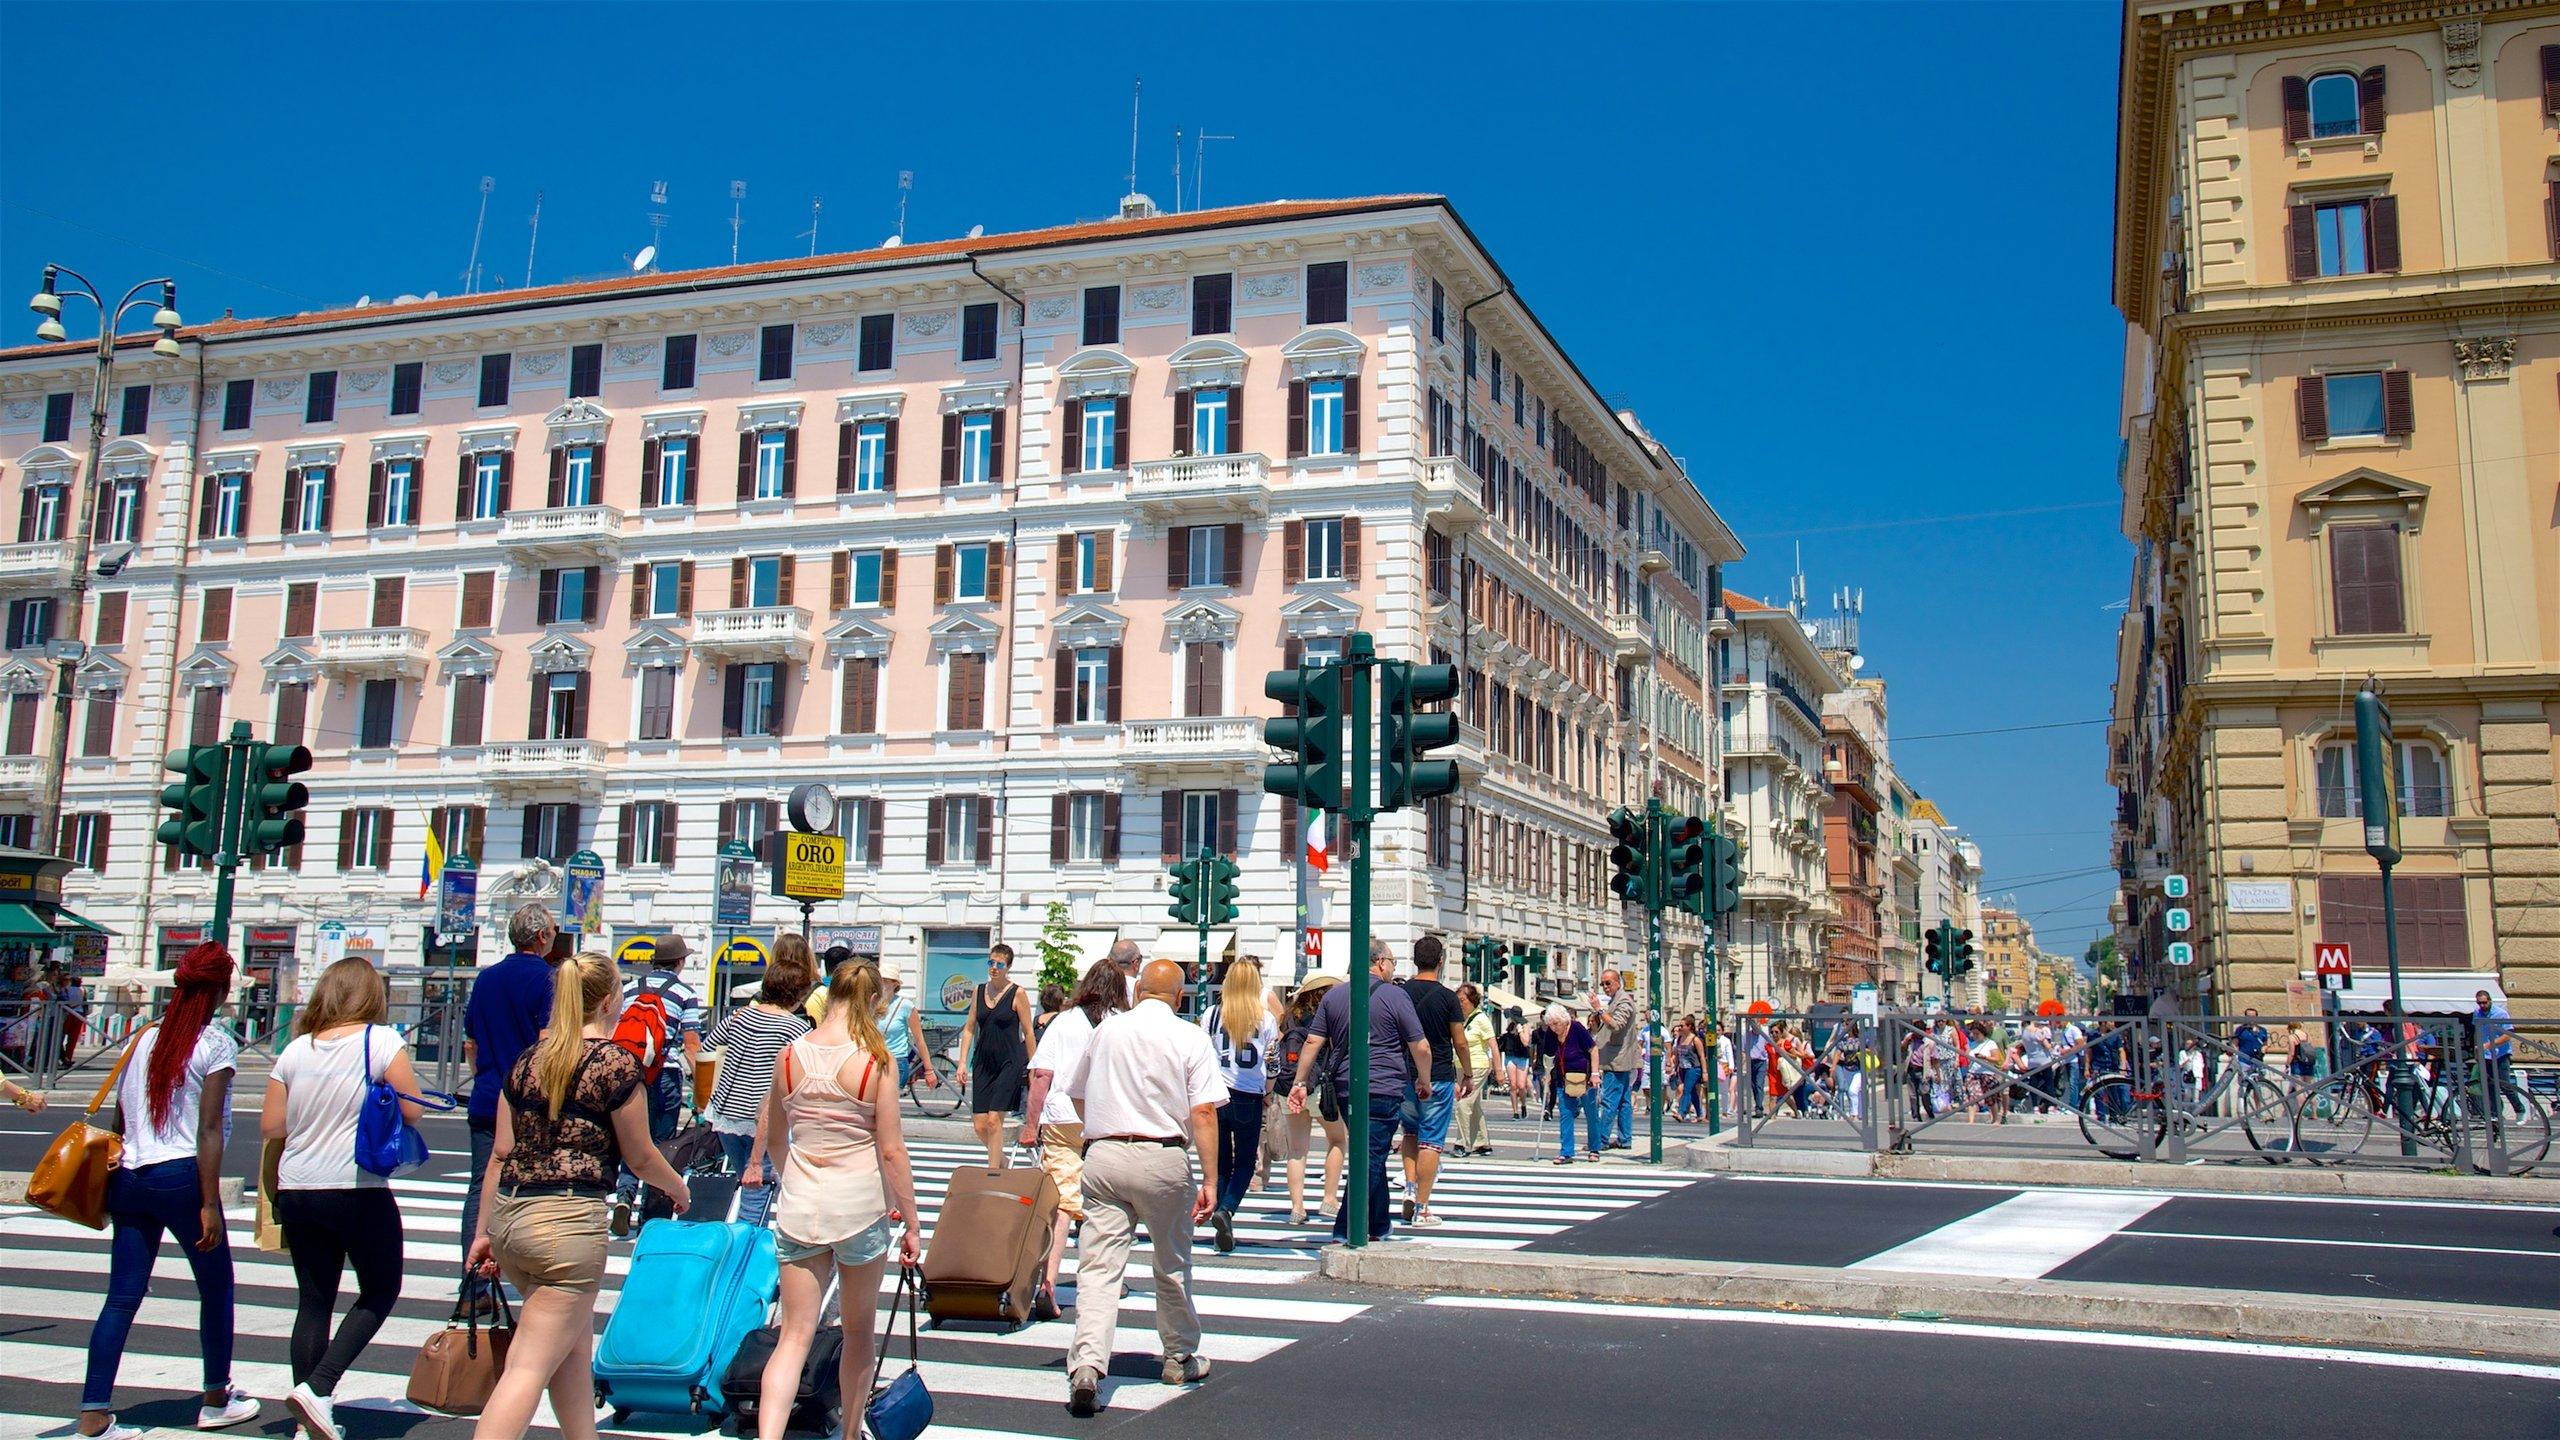 Flaminio, Rome, Lazio, Italy